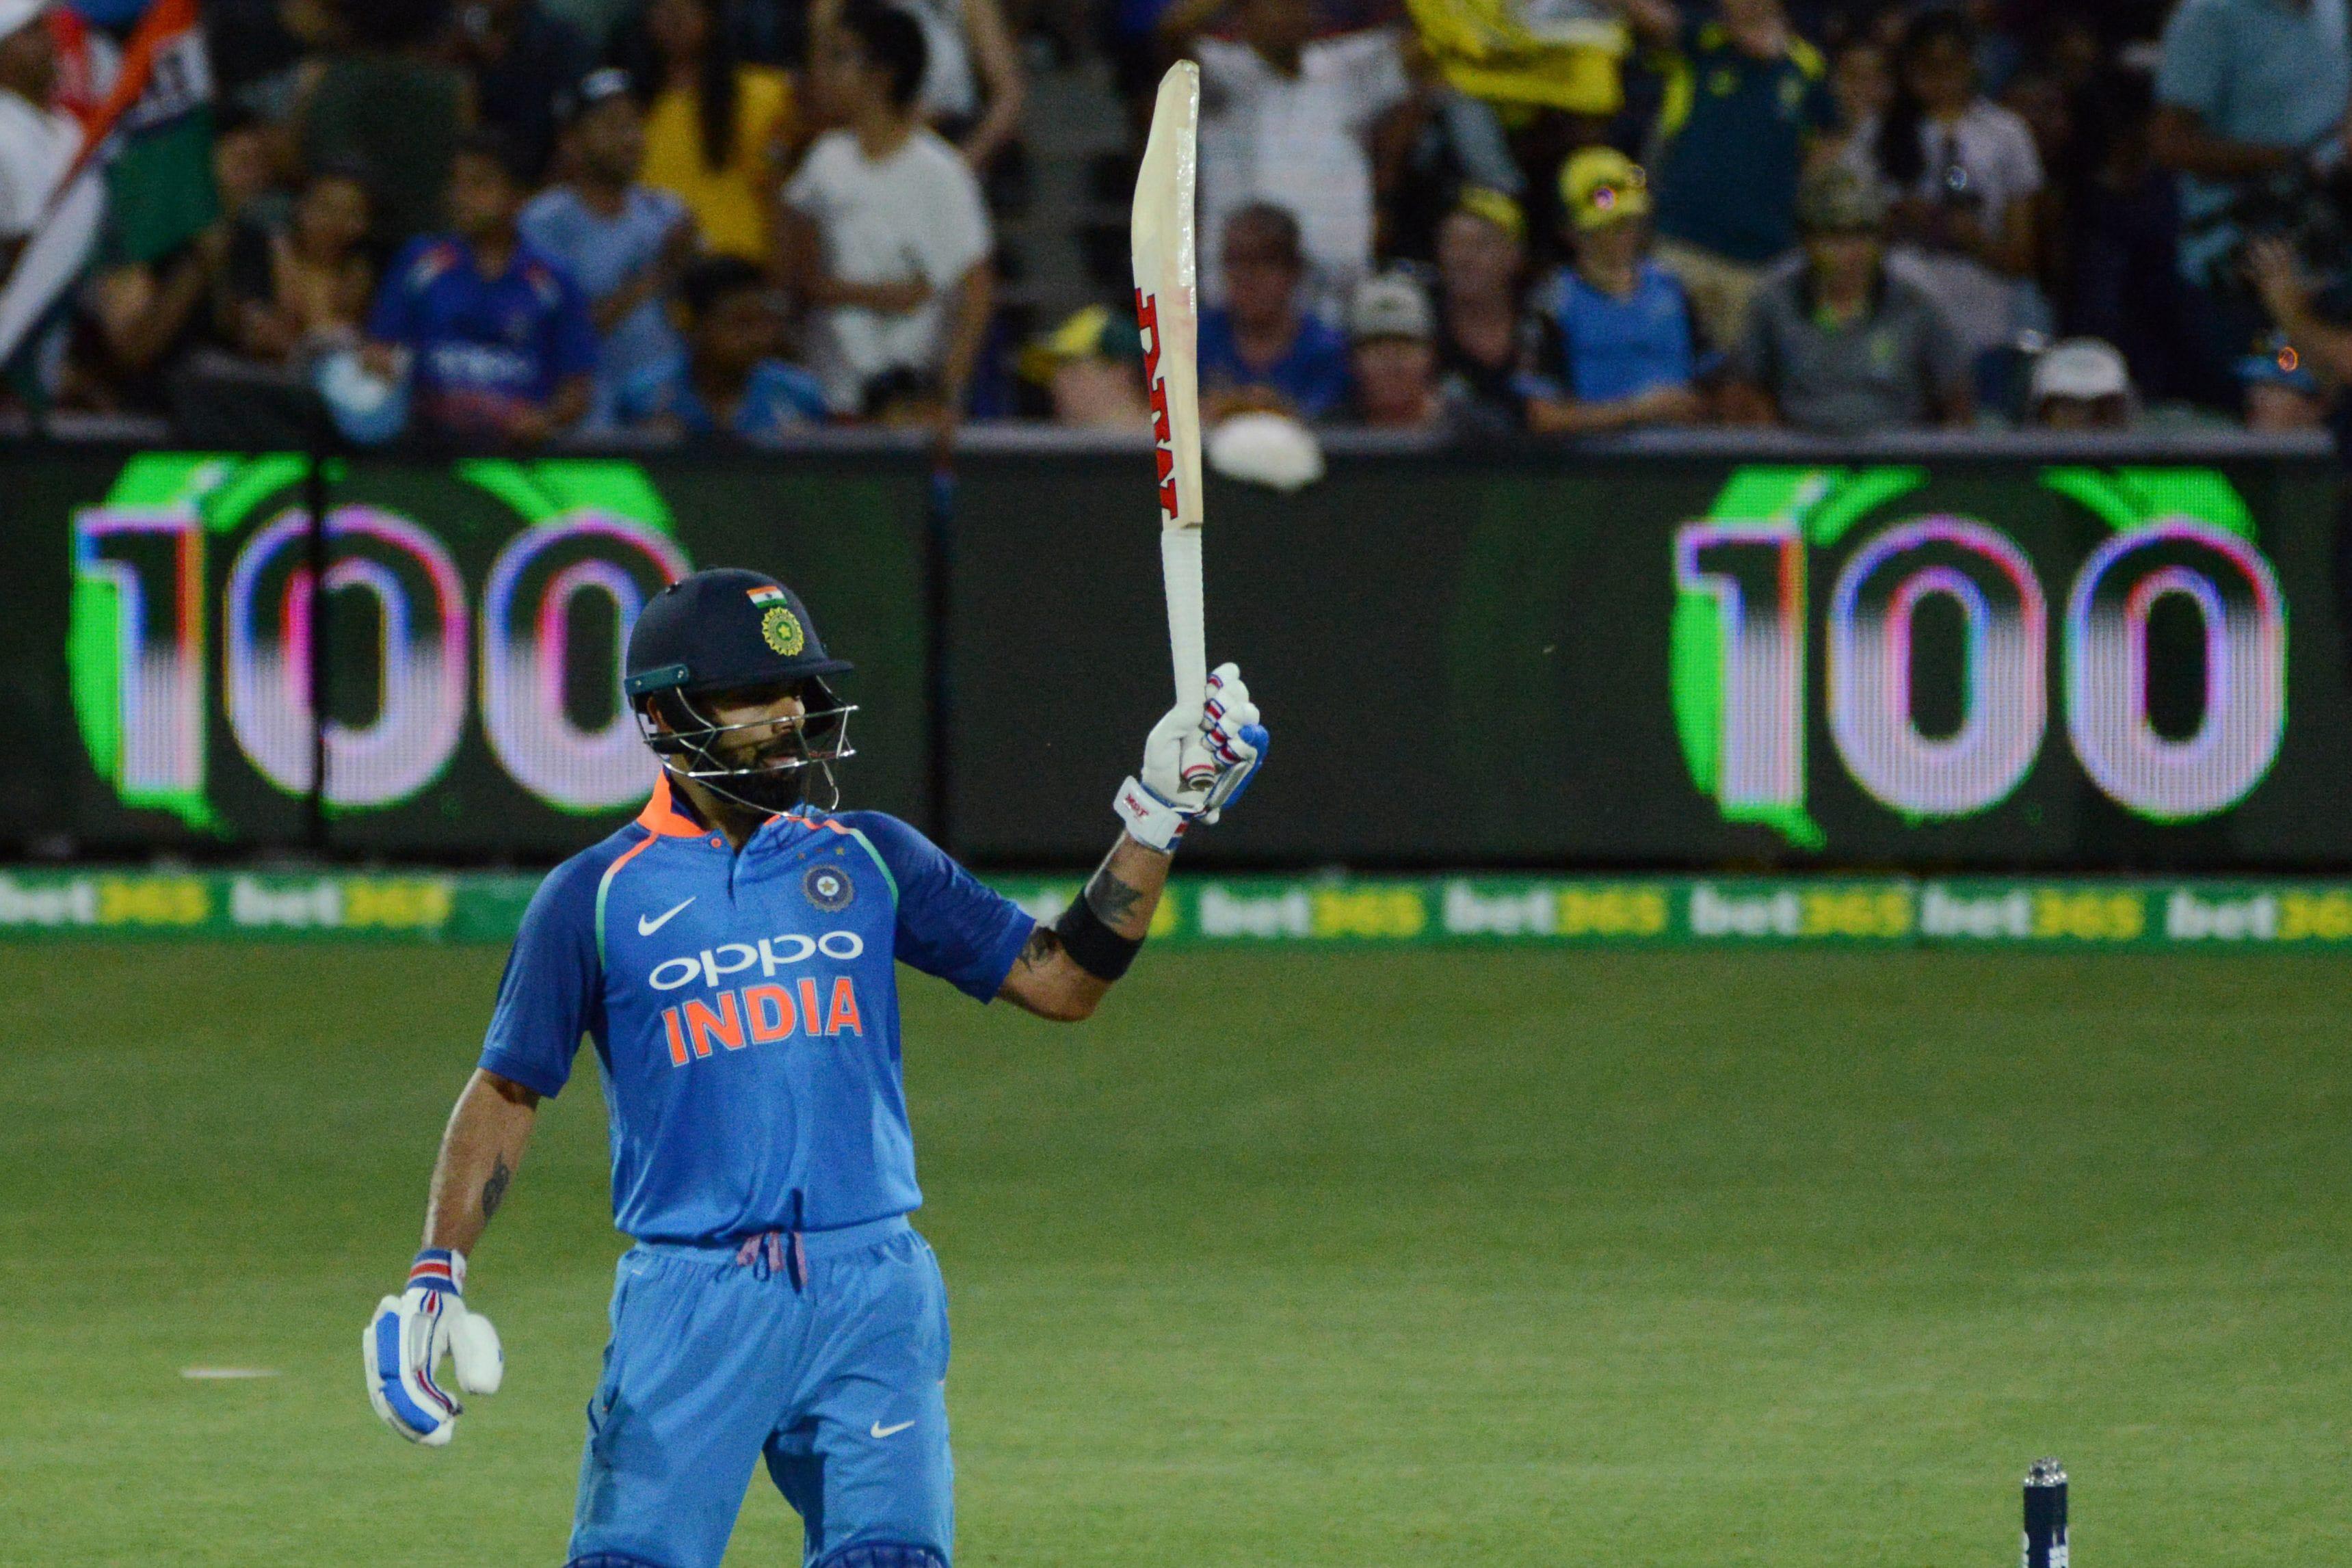 Australia vs India - Second ODI in Adelaide